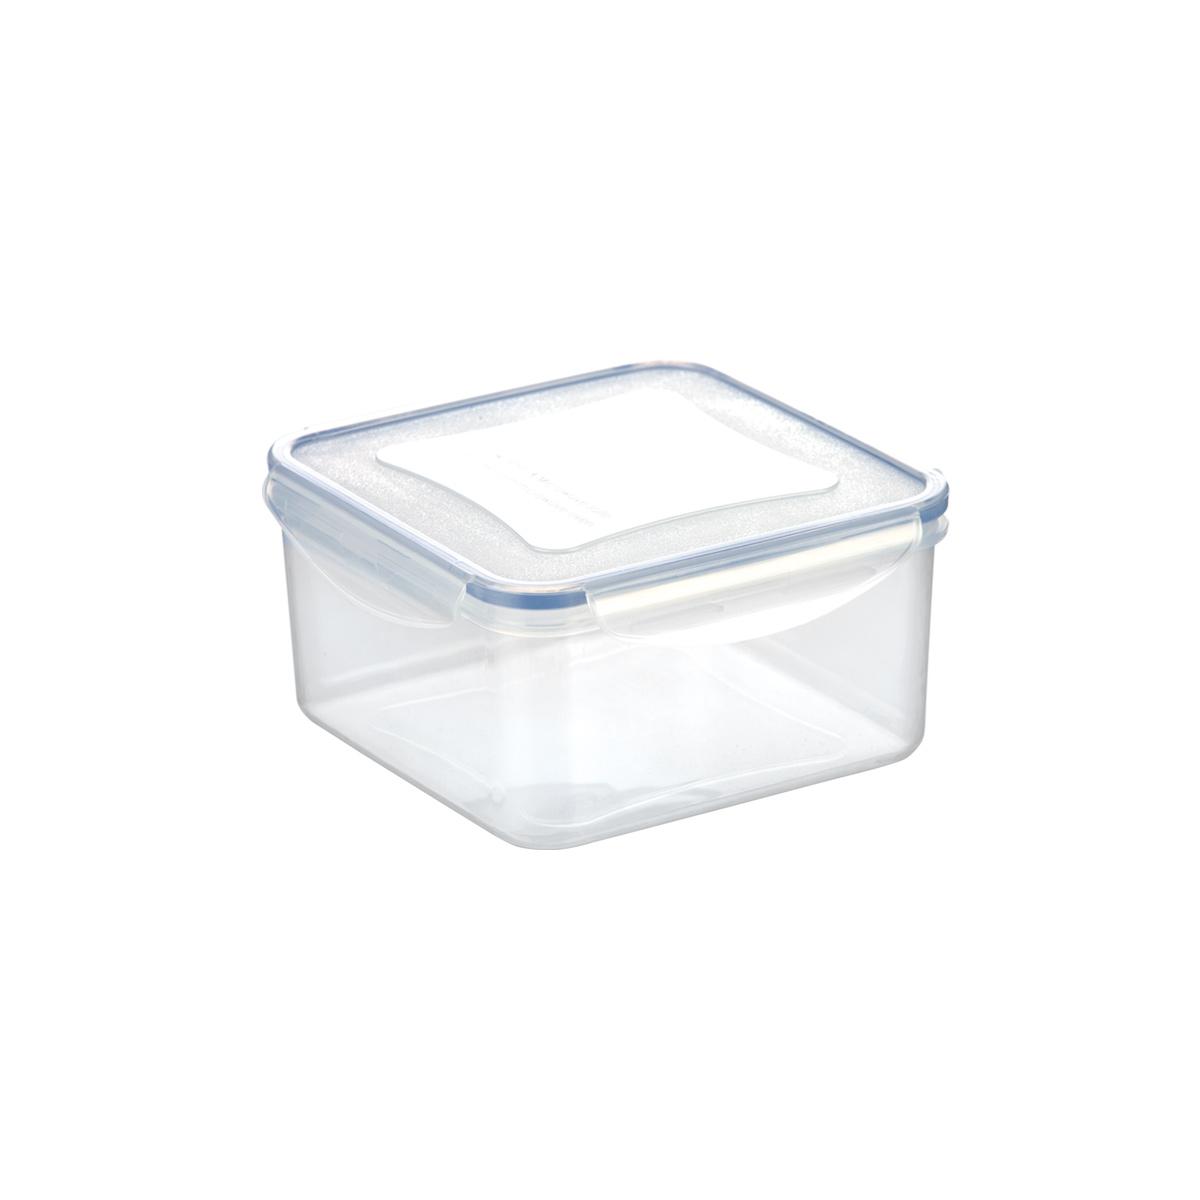 Dóza FRESHBOX 0.7 l, čtvercová